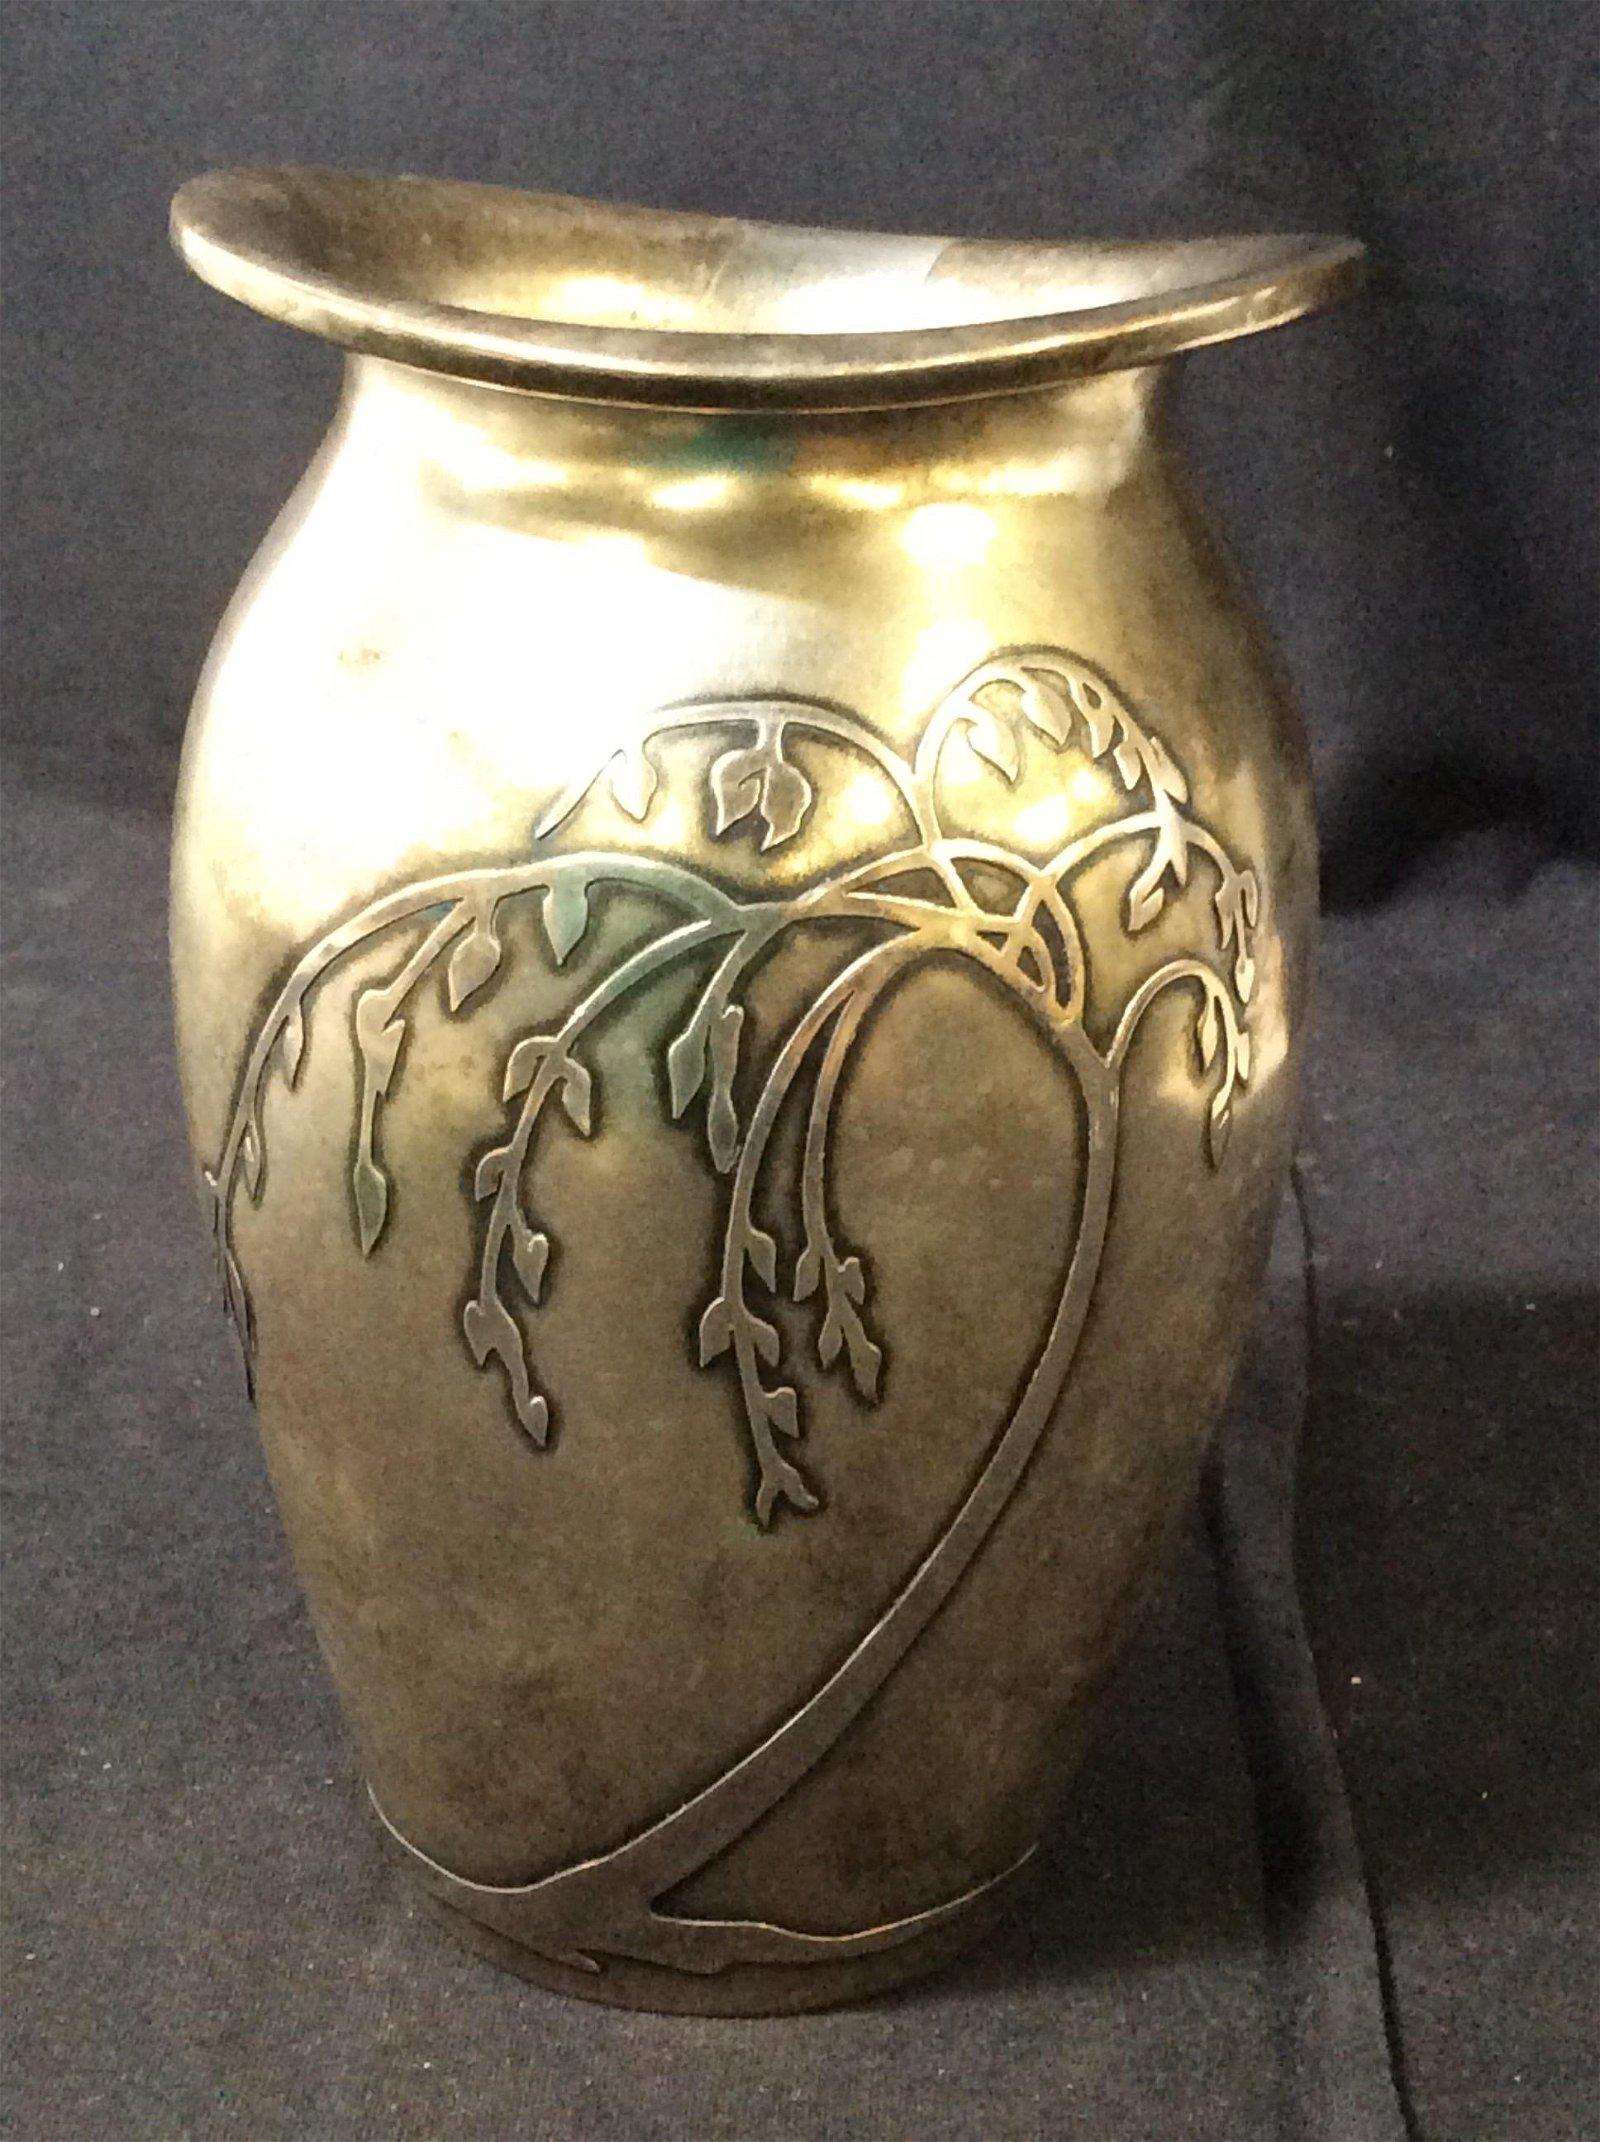 SILVER CREST Sterling Silver Art Nouveau Vase